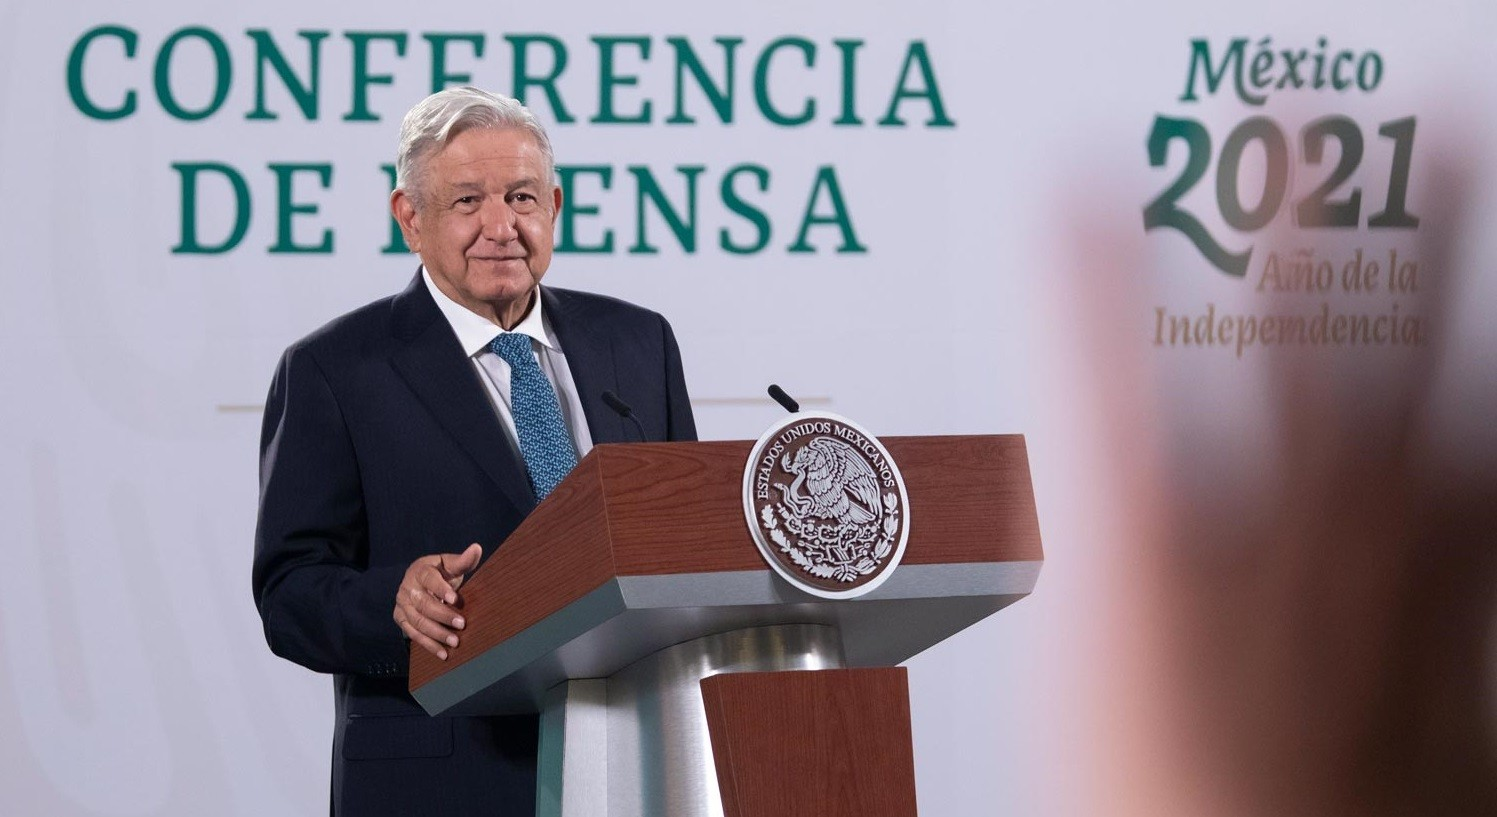 Gobierno mexicano reforzara vigilancia en la frontera sur para proteger a ninas y ninos migrantes anuncia Lopez Obrador